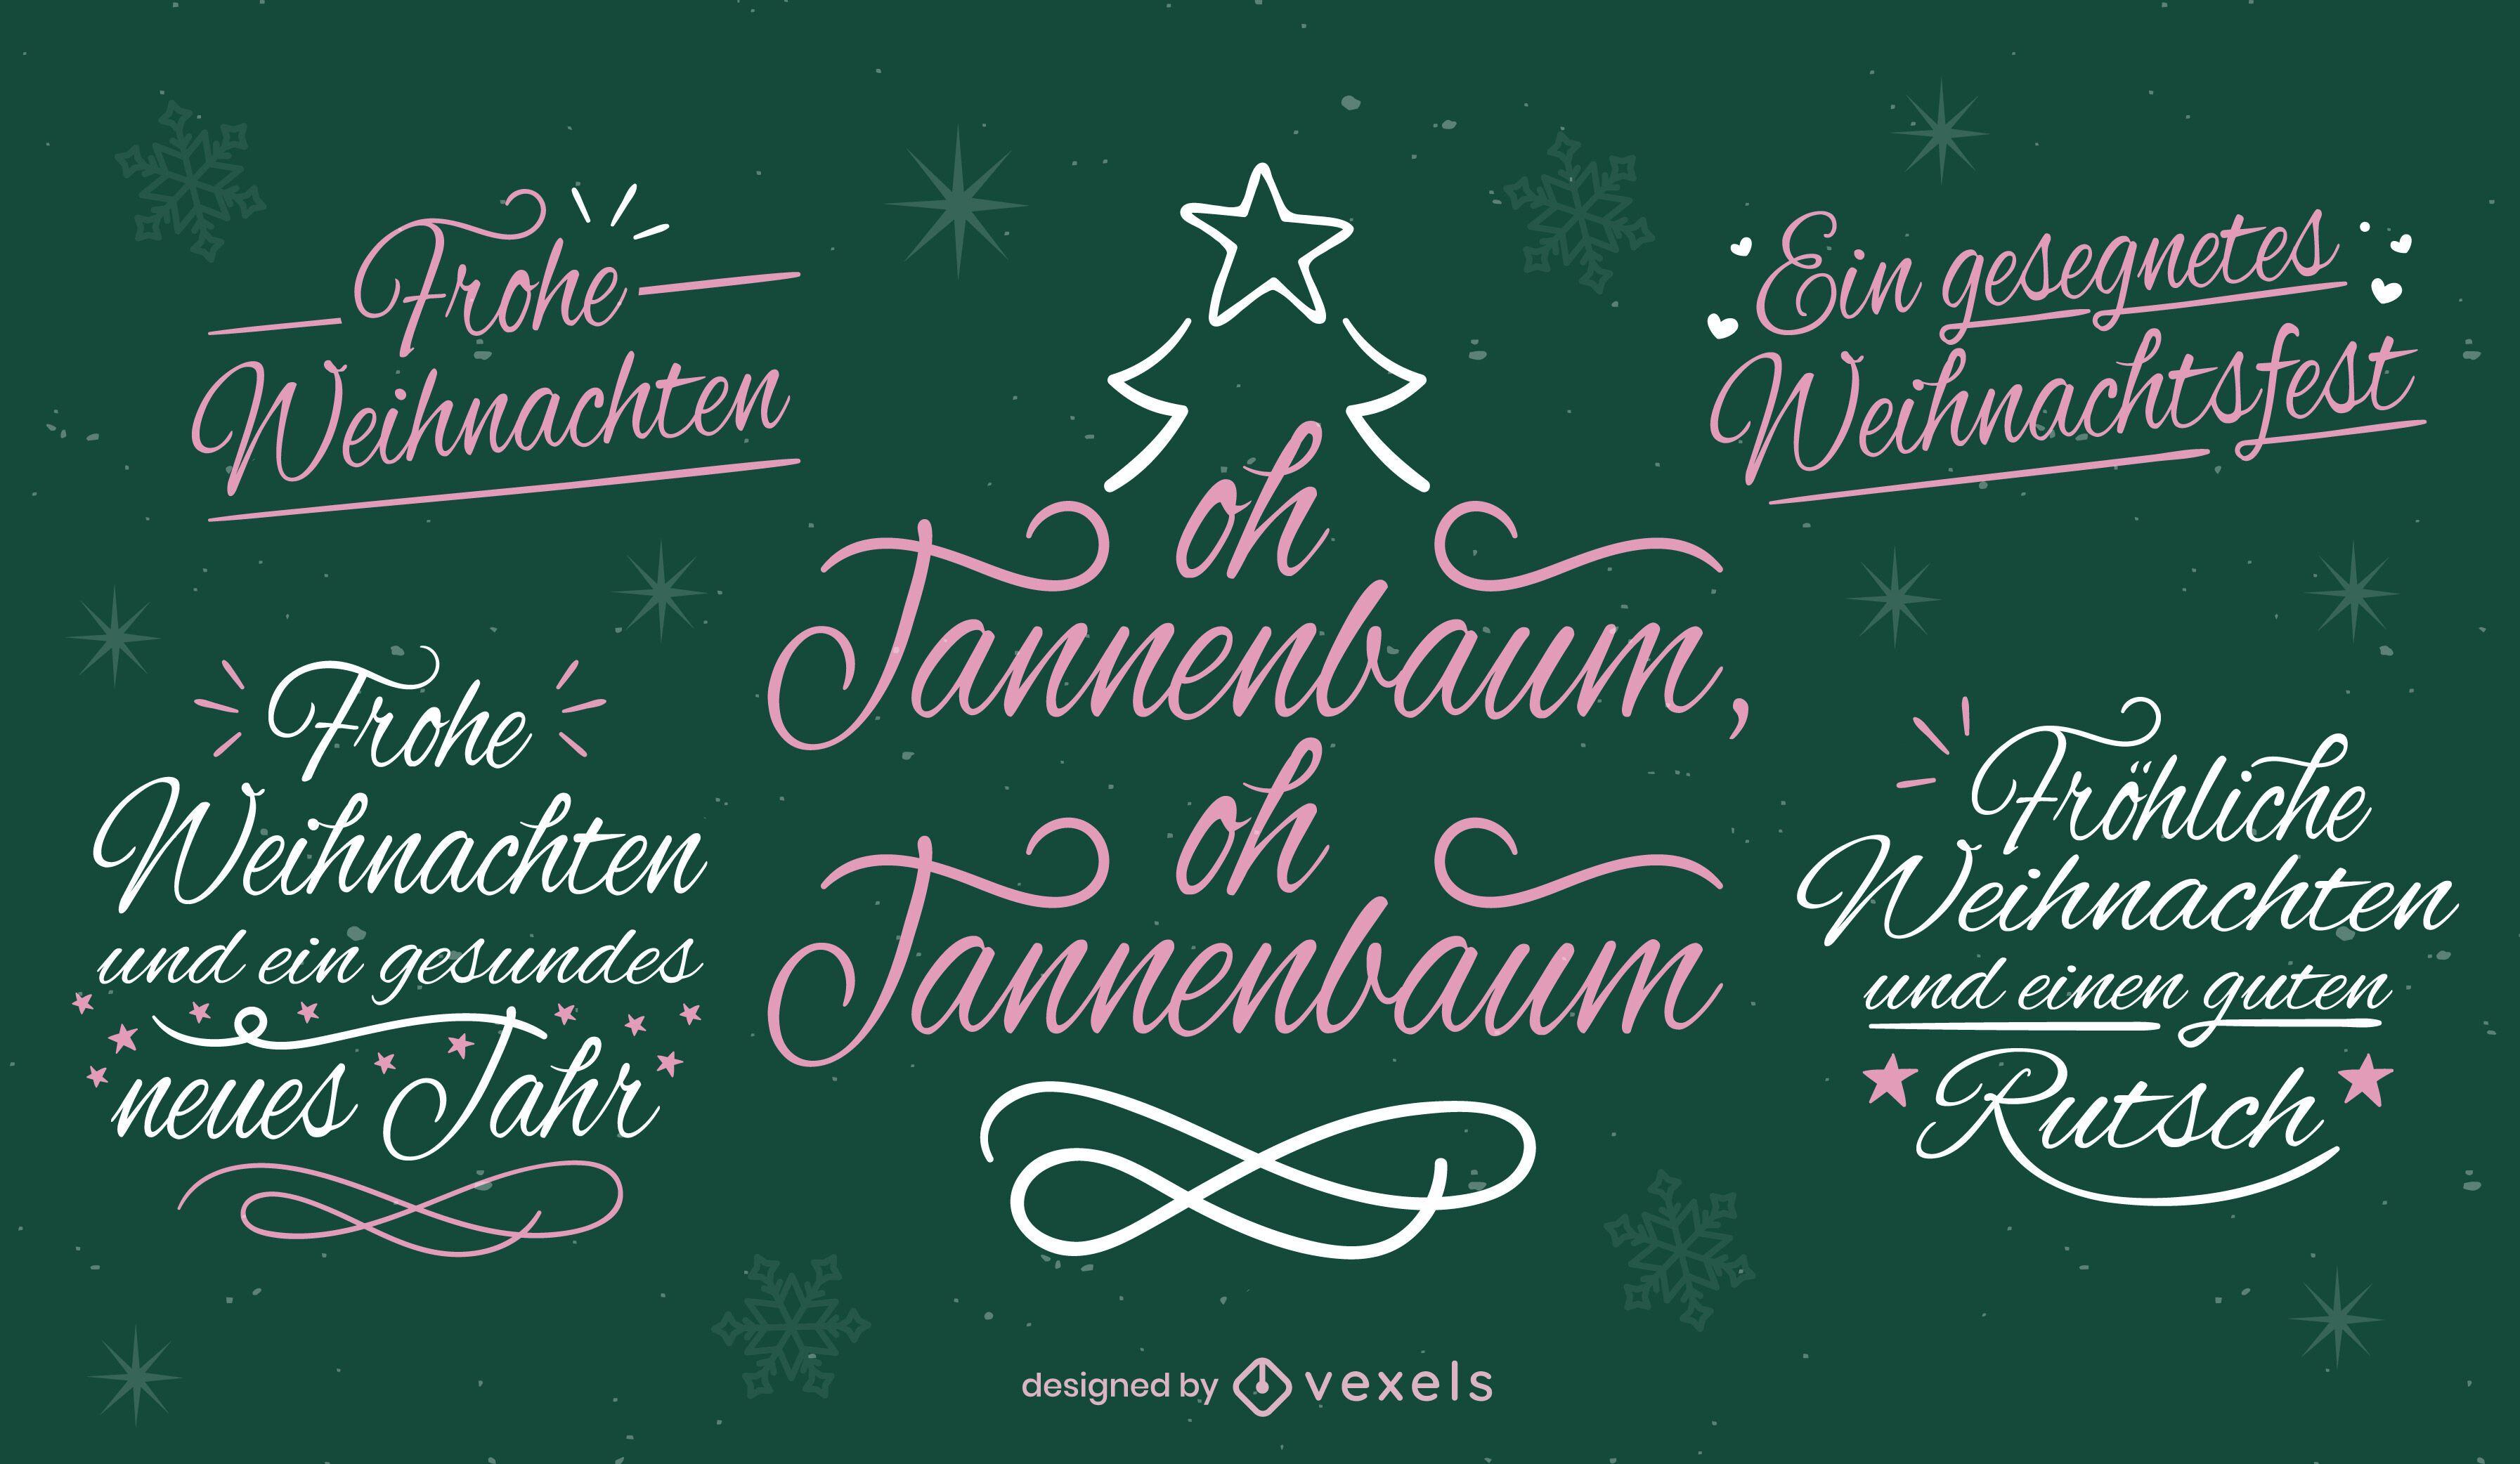 Rotulación navideña en alemán